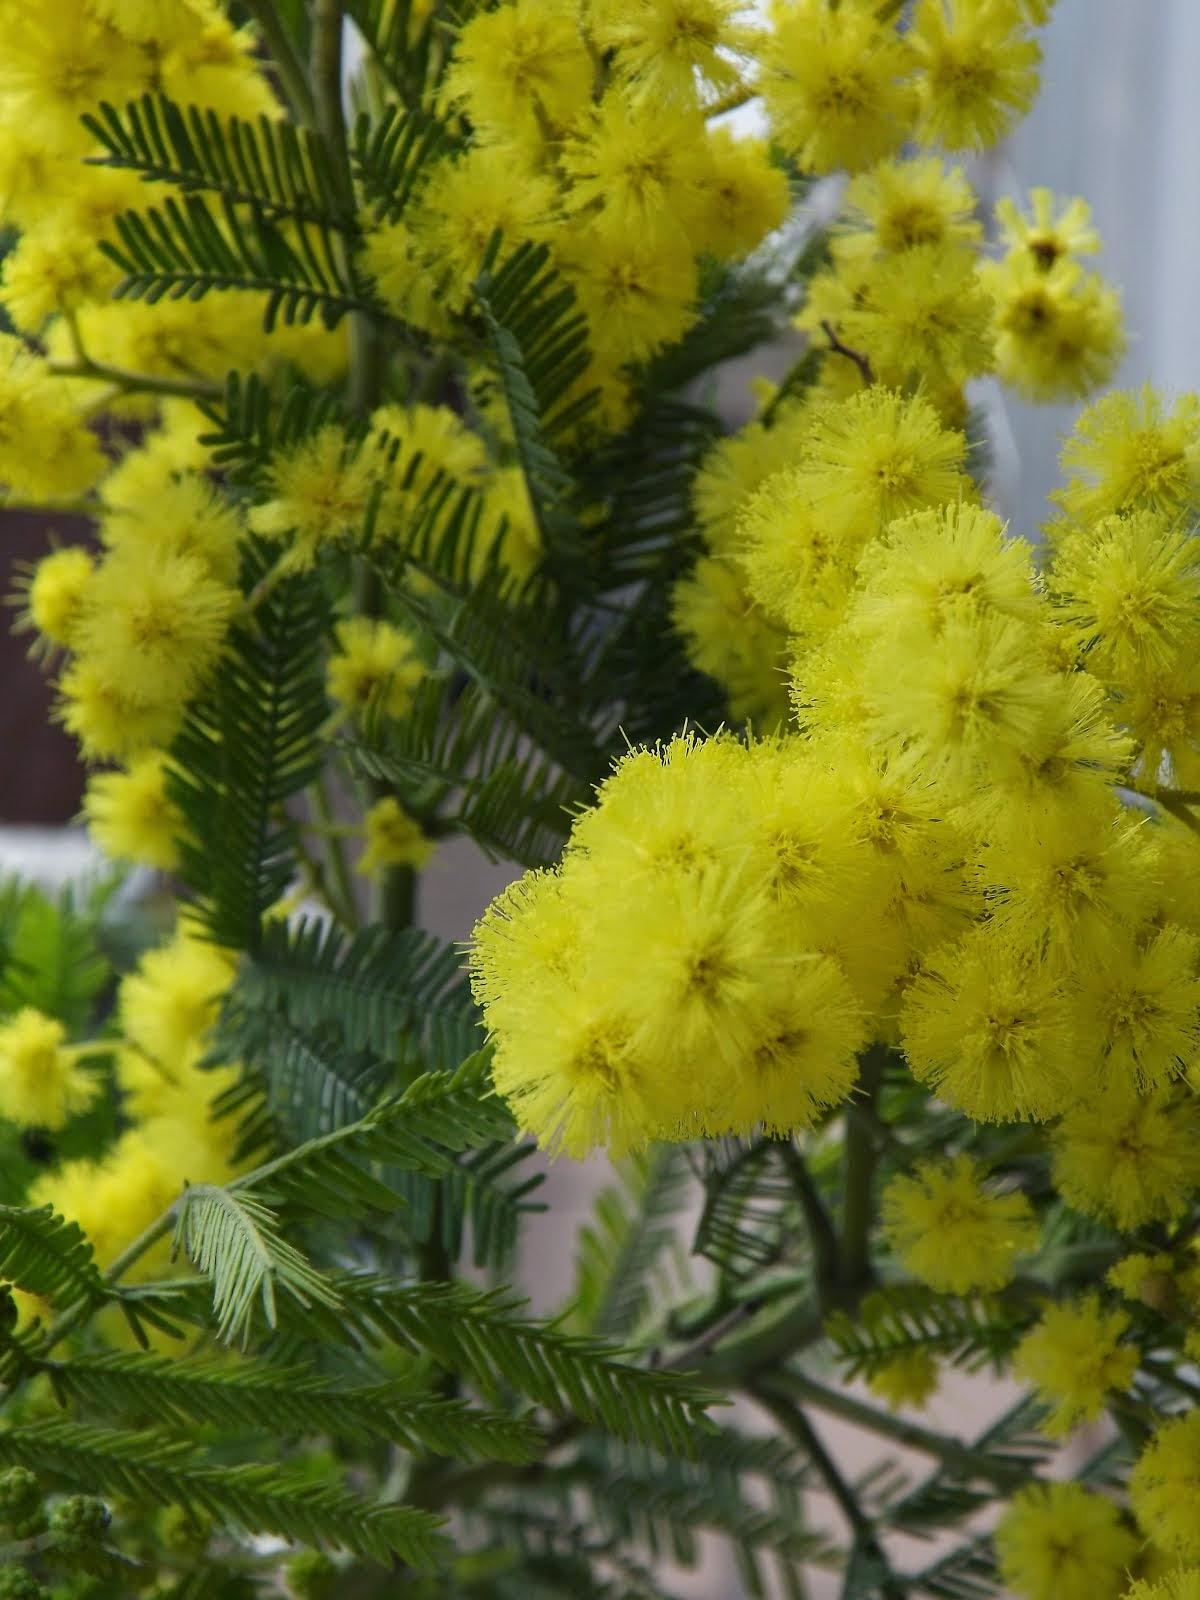 Con sus amarillas mimosas...